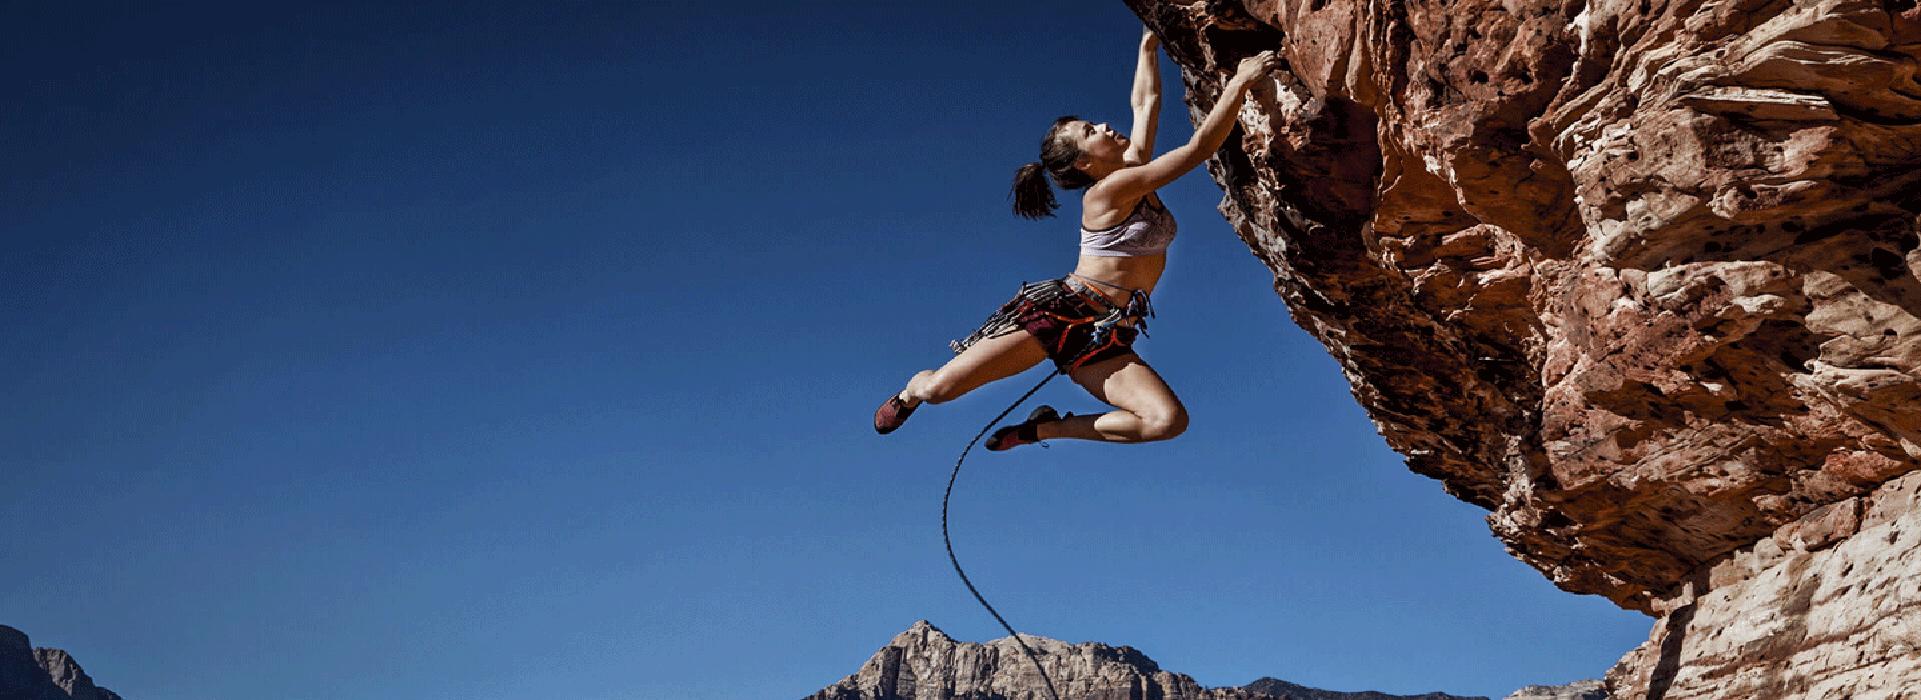 Seguros para Turismo Activo y Deportes de Riesgo Extremo